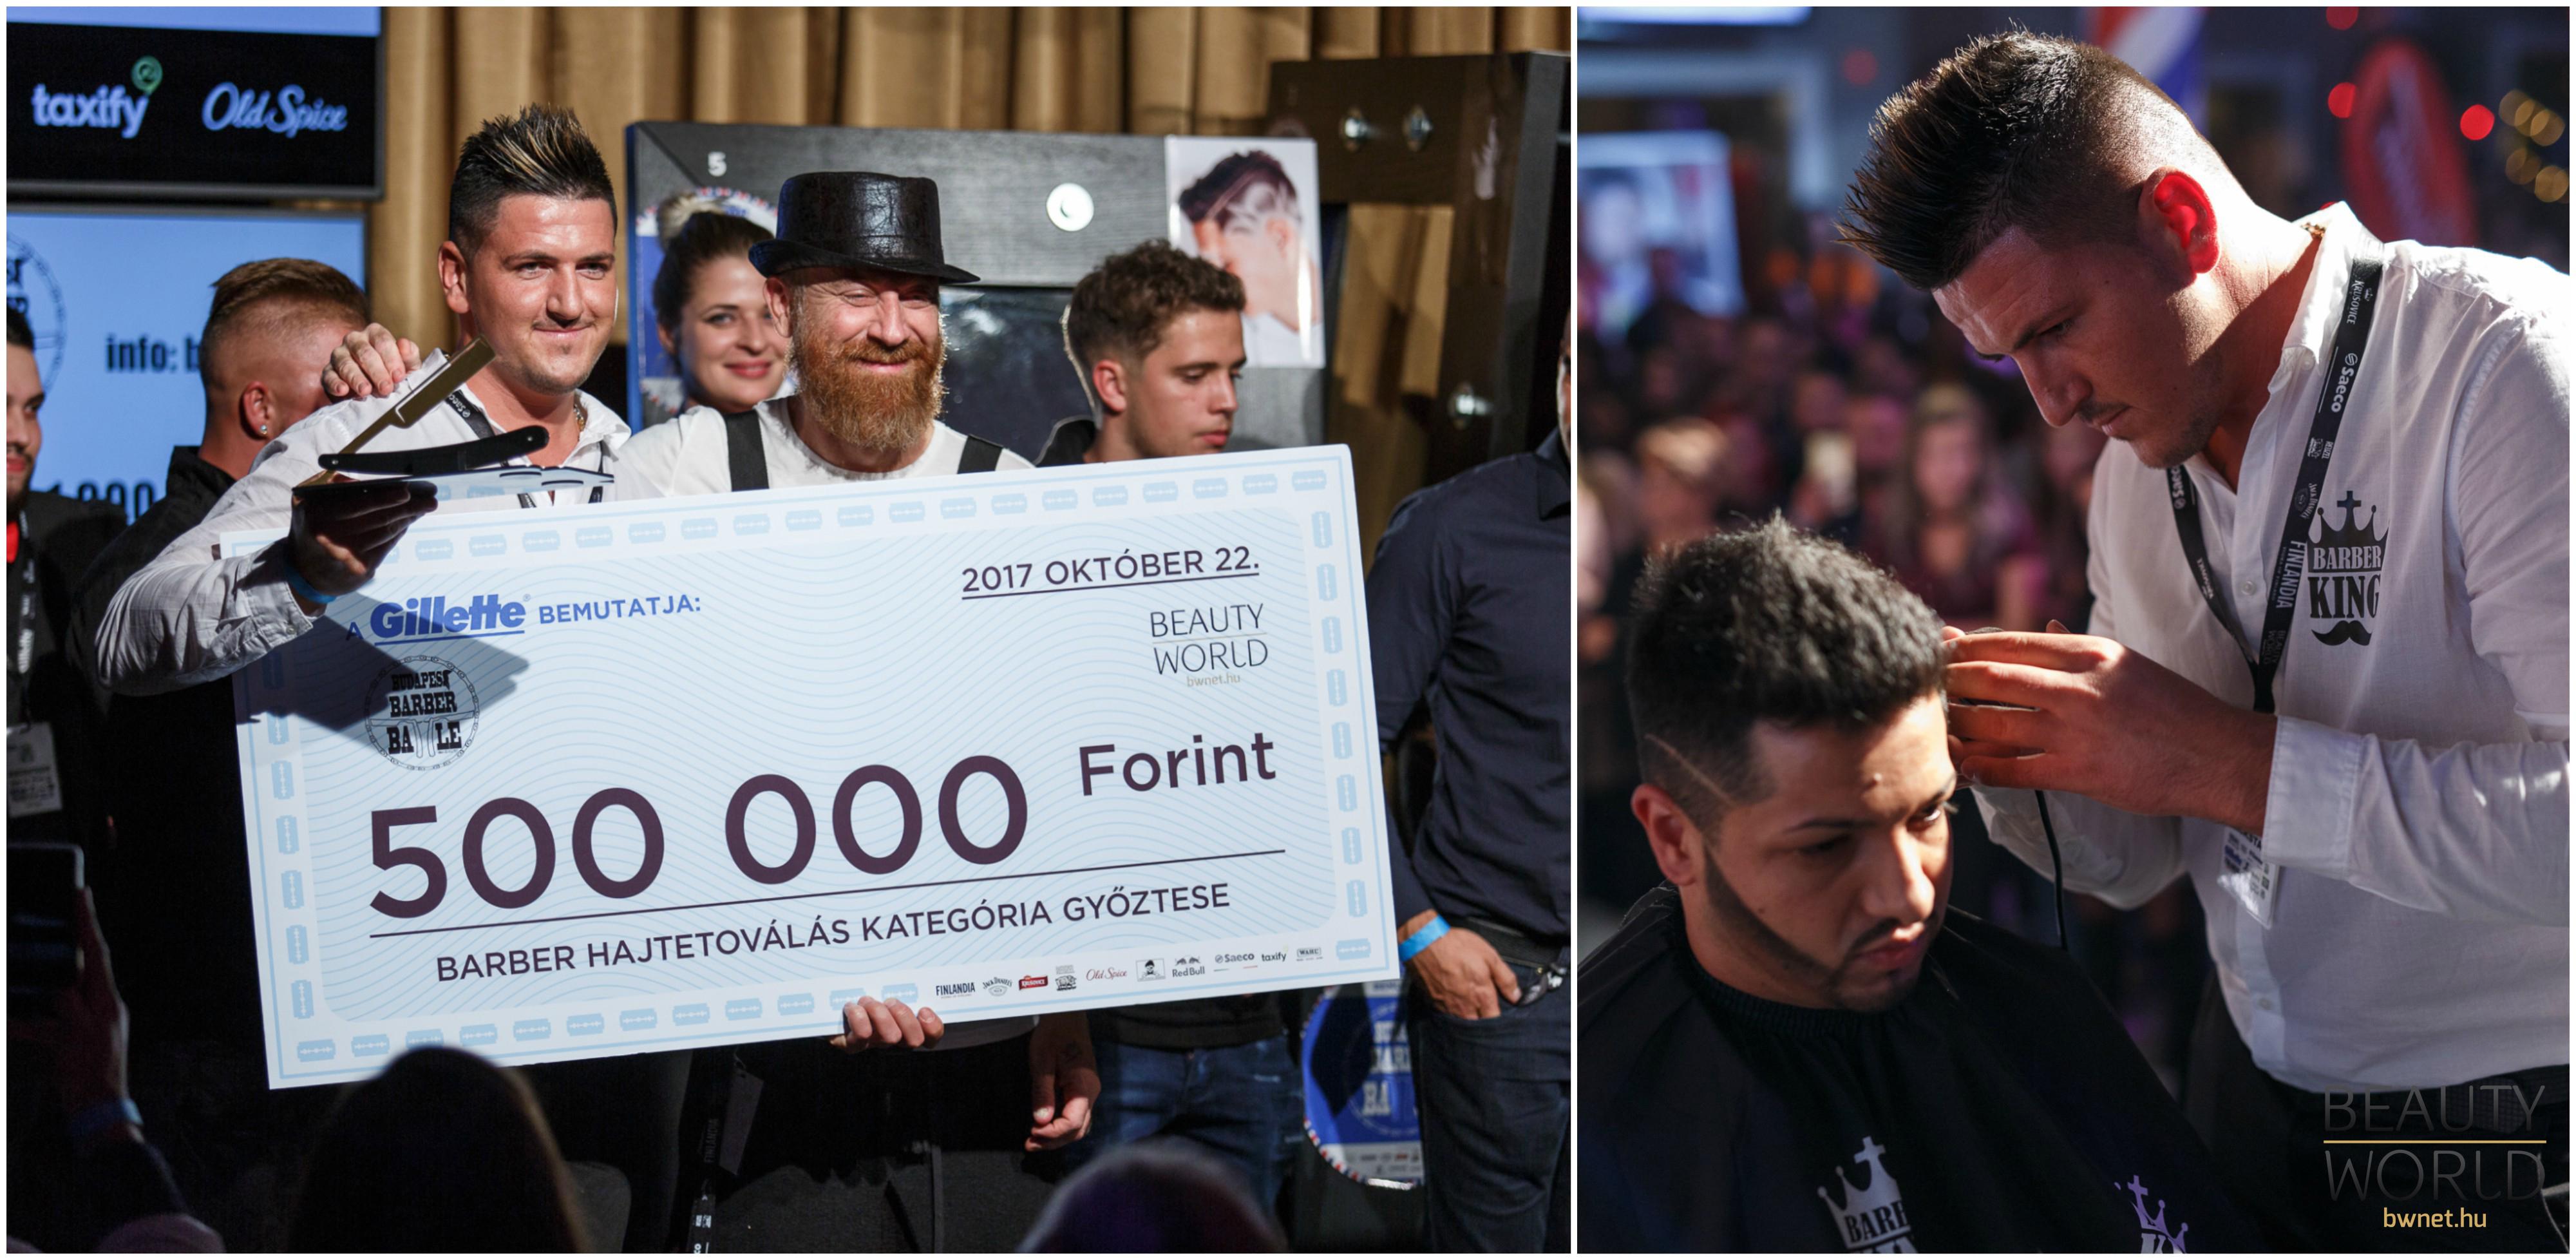 A Barber Battle Budapest fodrászversenyen sor került Magyarország legjobb barber-fodrászainak összecsapására. A pénzdíjas versenyt Hajtetoválás és Styling kategóriában Pálmány Nobert, a Barber King tulajdonosa és fodrásza nyerte. <br /> <br /> Vigyázat: egy igazán őszinte interjú következik Norbert felkészüléséről, a versenydrukkról, a győzelem ízéről és a jövőbeli terveiről.